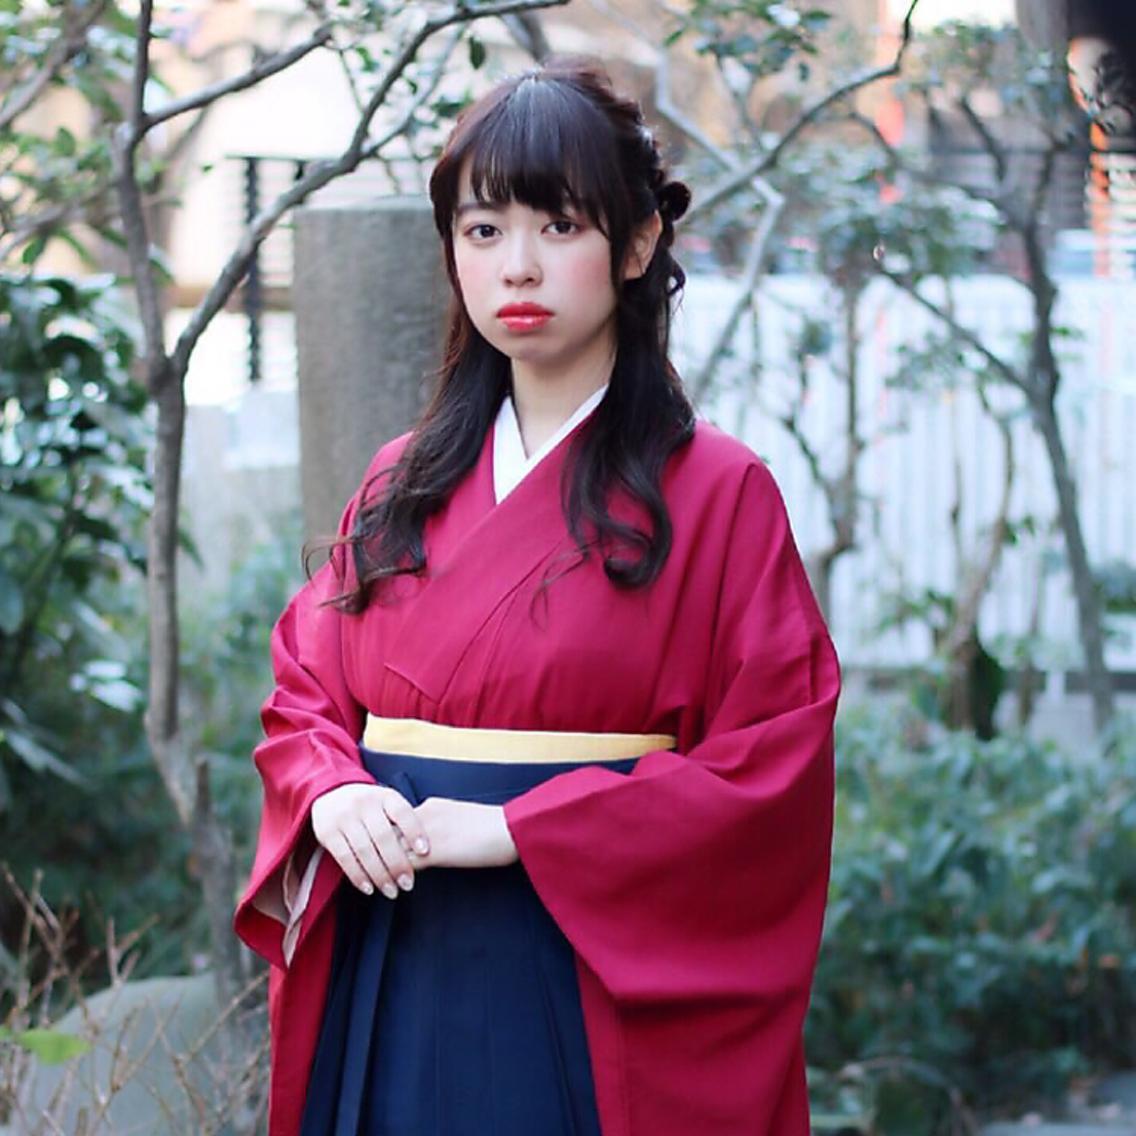 【御茶ノ水 九段下駅近く】卒業式ヘアセット+着付け20%オフで受付中!!